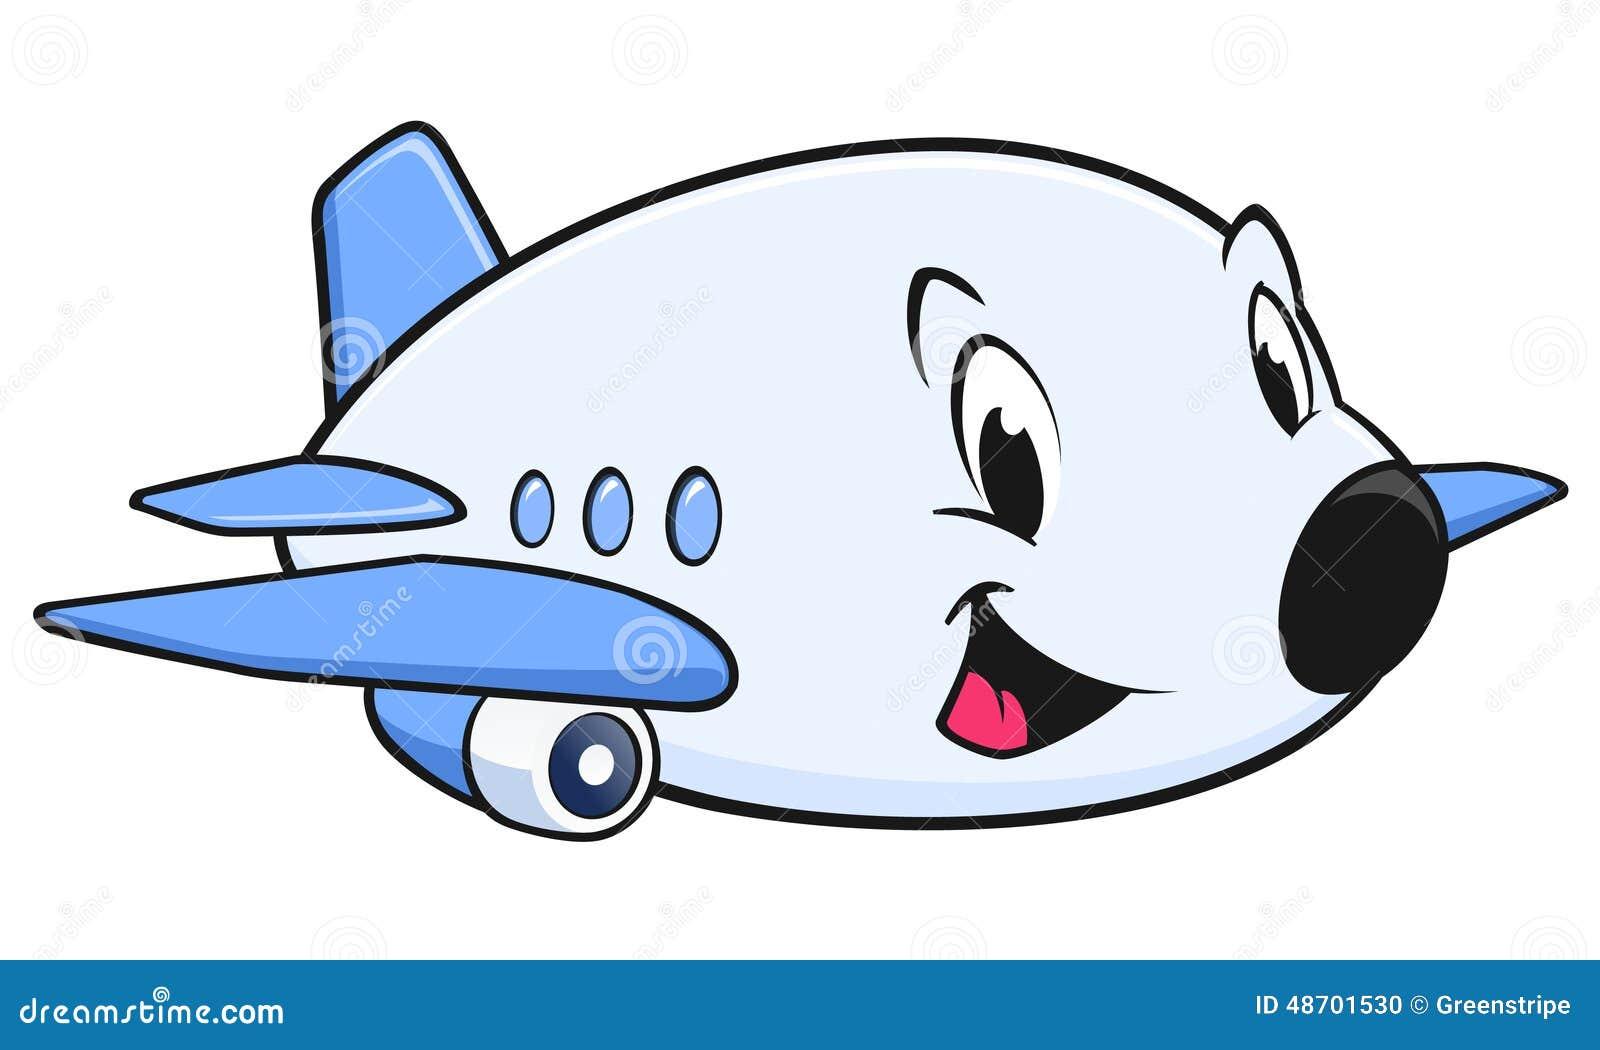 Aviao Dos Desenhos Animados Ilustracao Do Vetor Ilustracao De